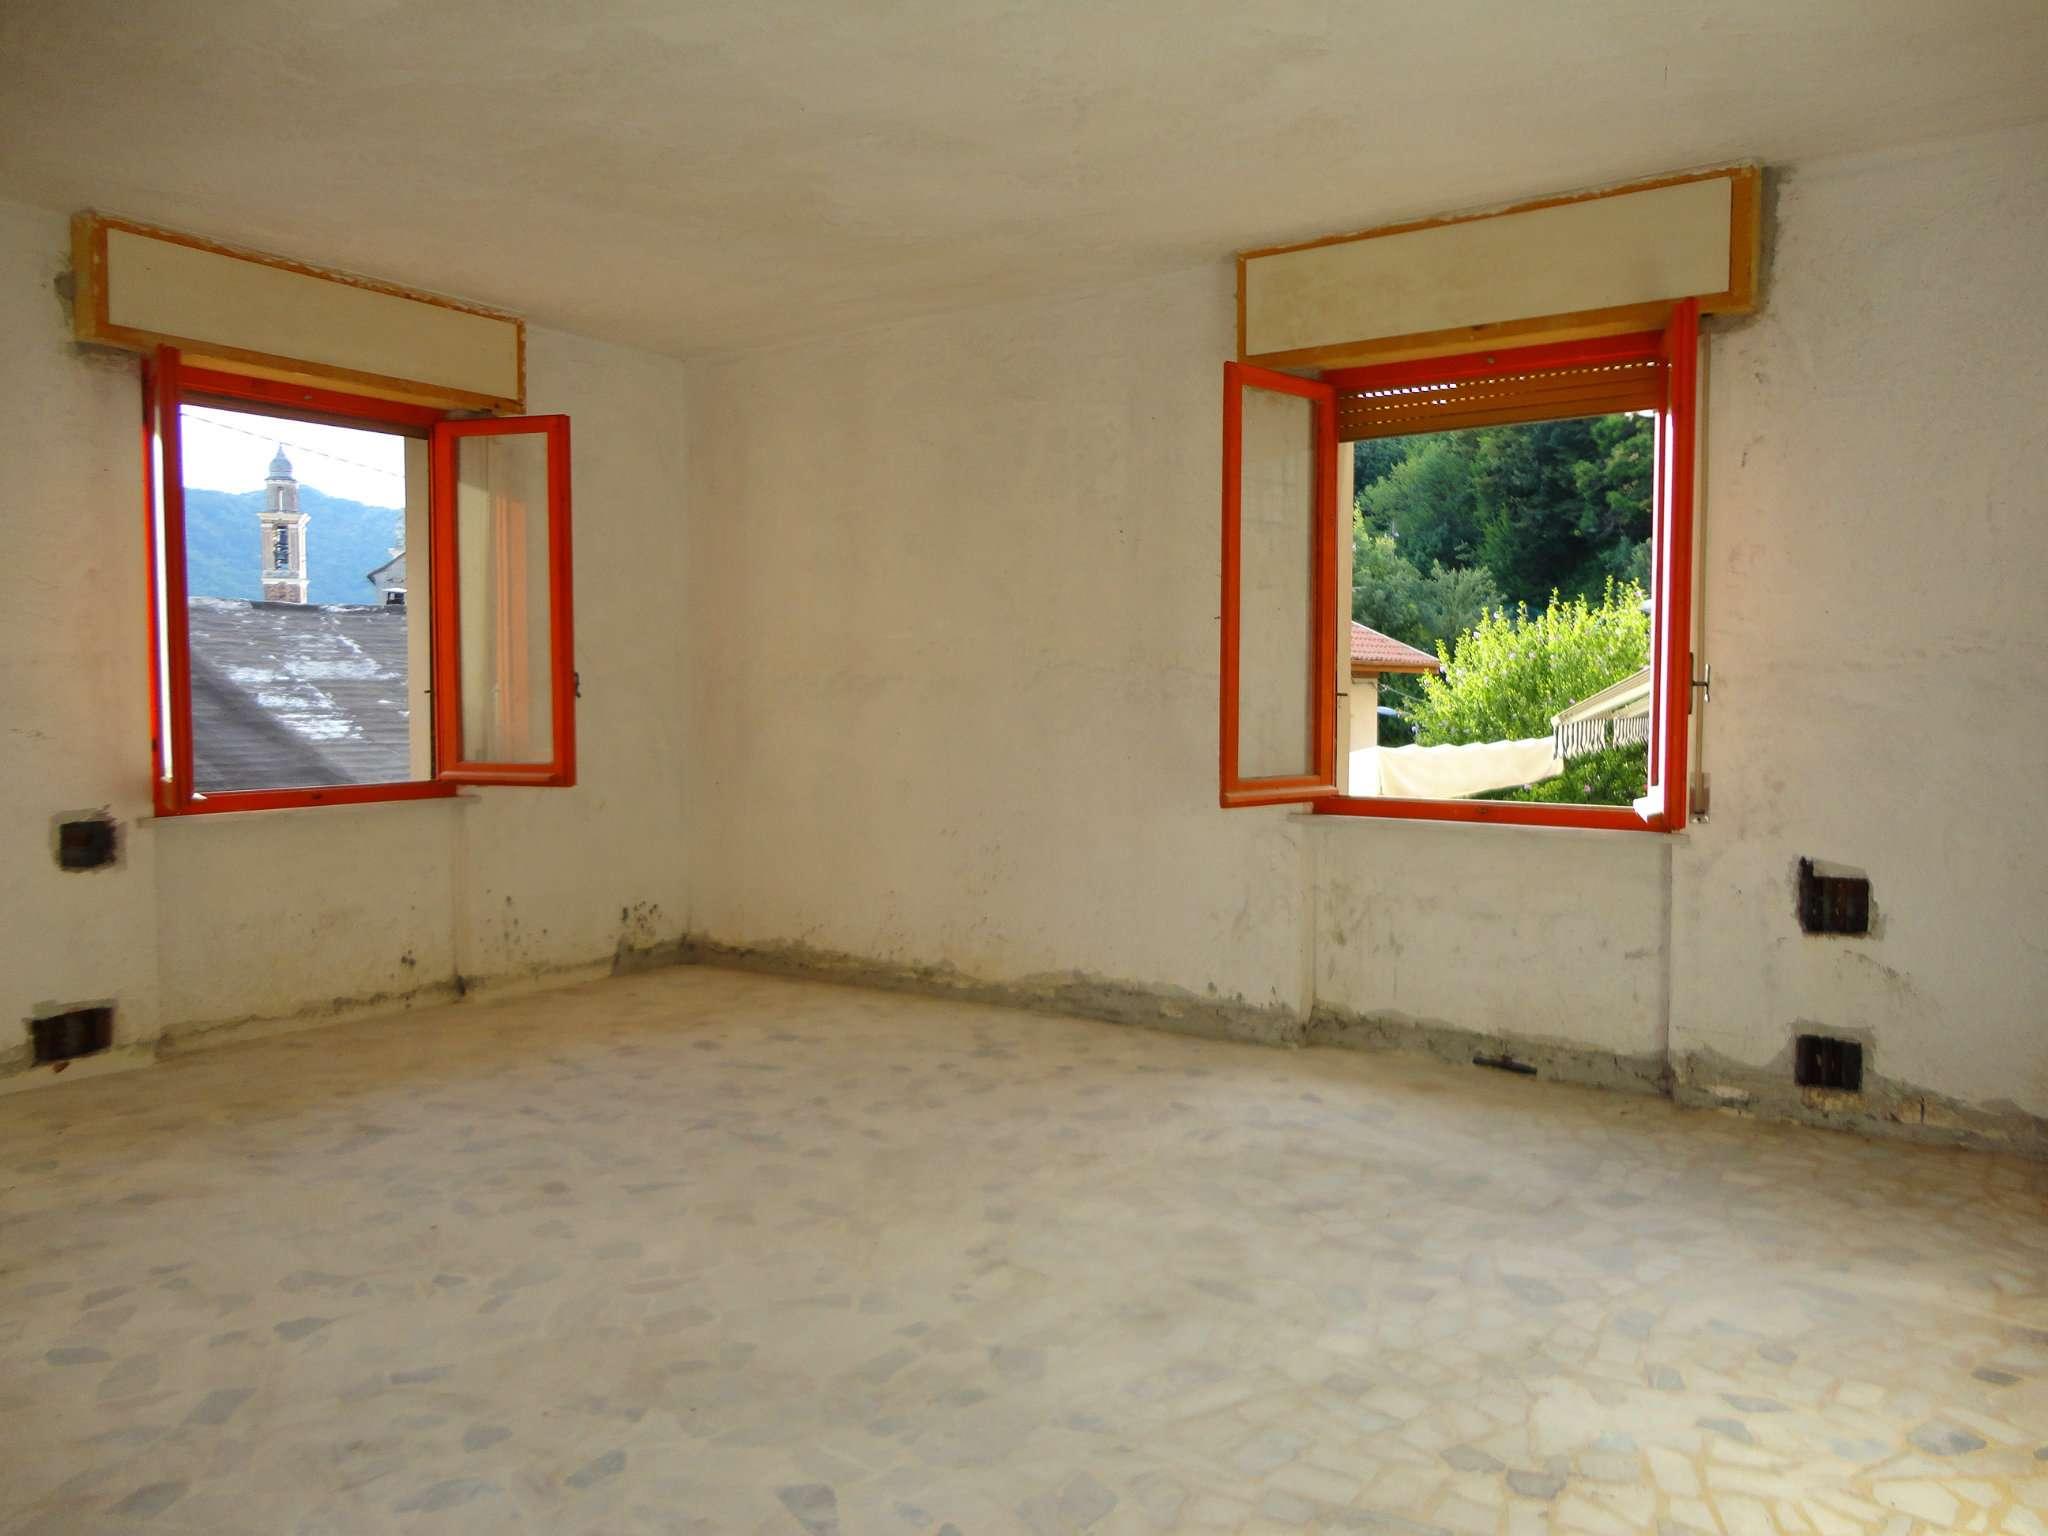 Appartamento in vendita a Uscio, 1 locali, prezzo € 35.000   PortaleAgenzieImmobiliari.it